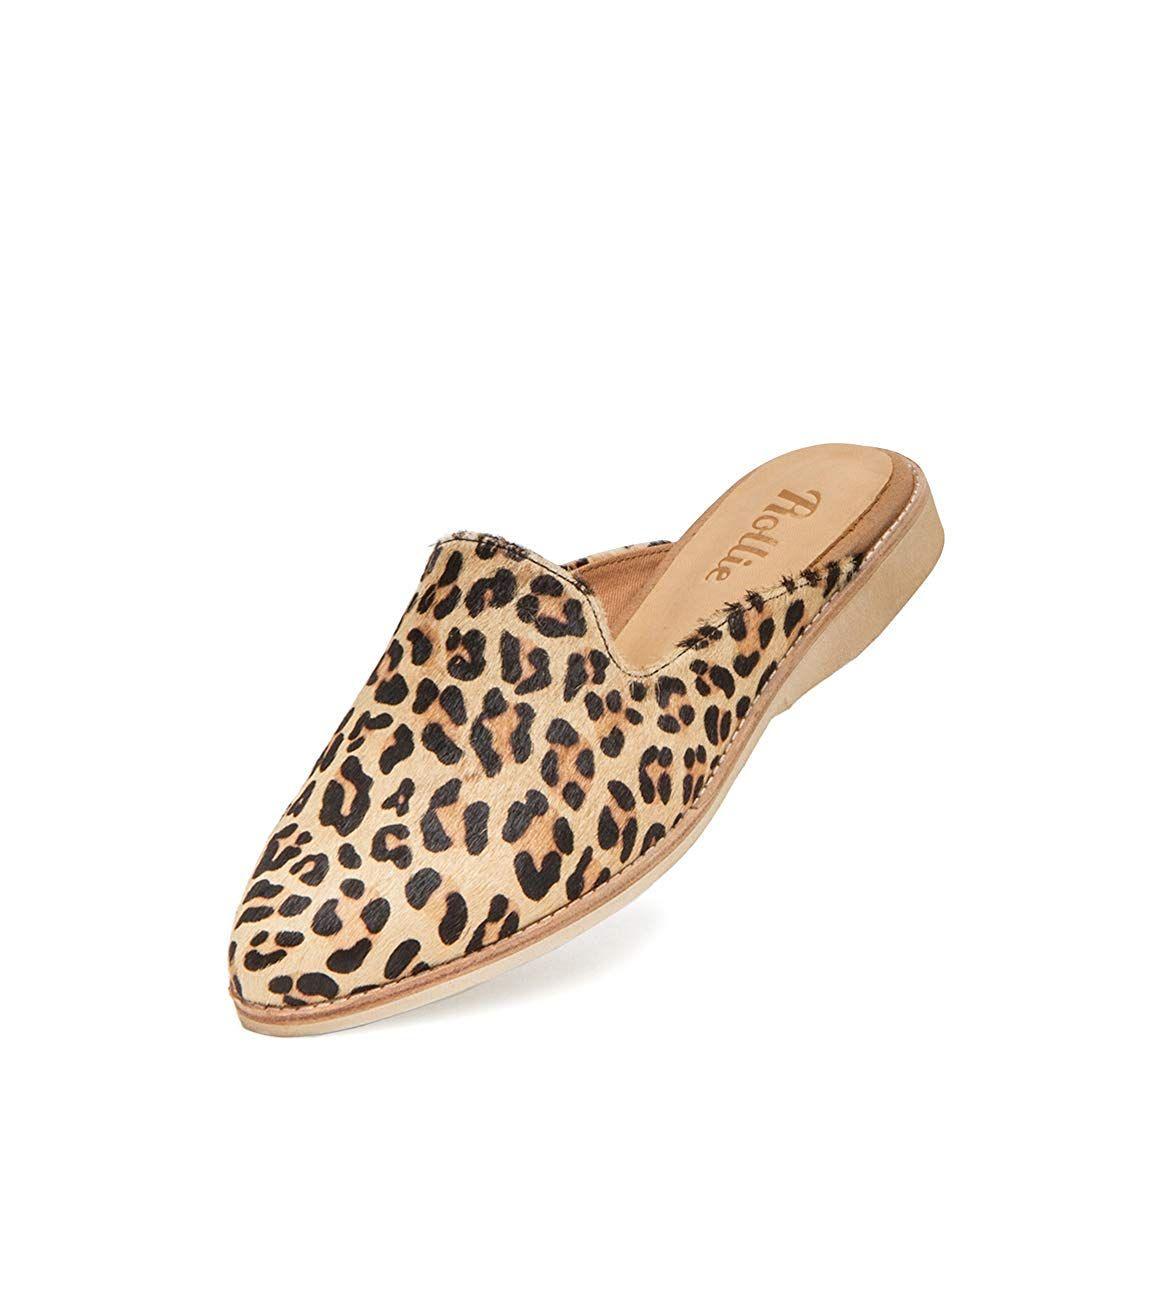 d92573e560026 Amazon.com | Rollie Women's Leopard Animal Print Madison Mule Camel ...